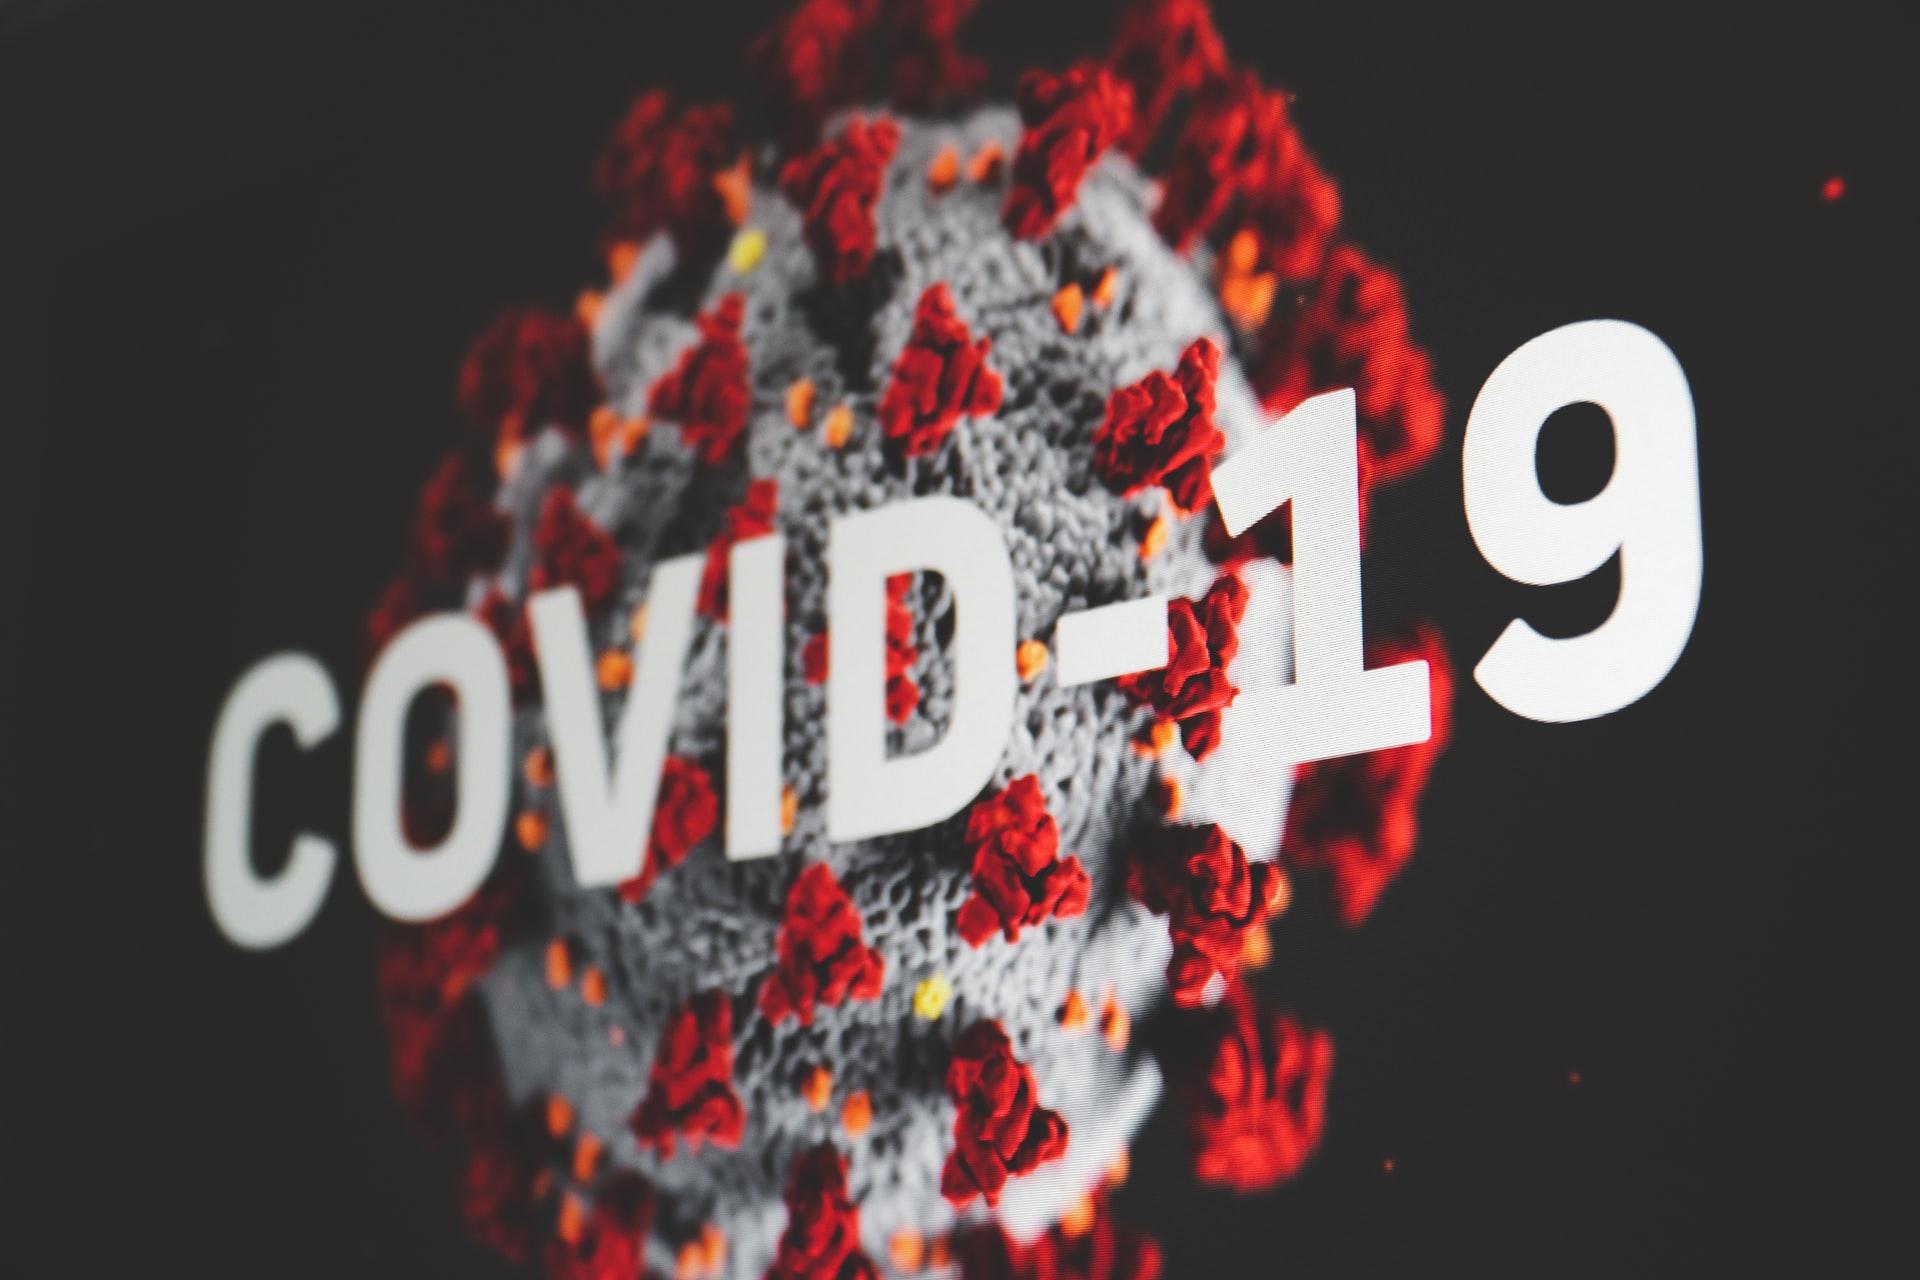 Laporan Terbaru Di Amerika: 94% Pasien COVID-19 Yang Meninggal Karena Memiliki Faktor Risiko